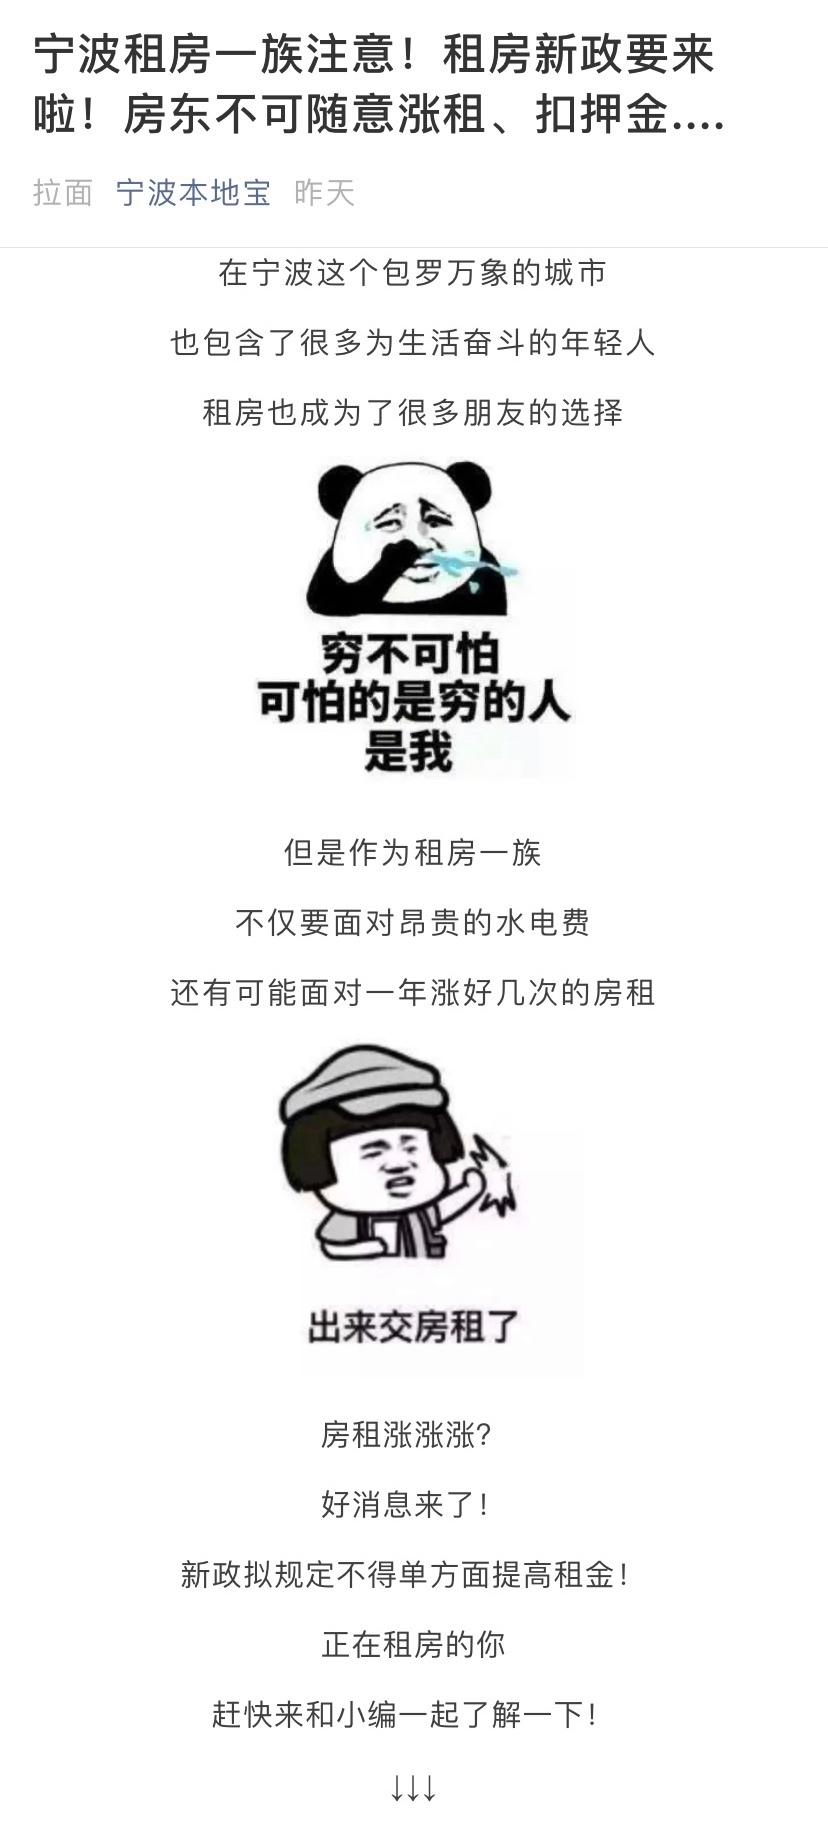 宁波租房一族注意! !房东不可随意涨租、扣押金...